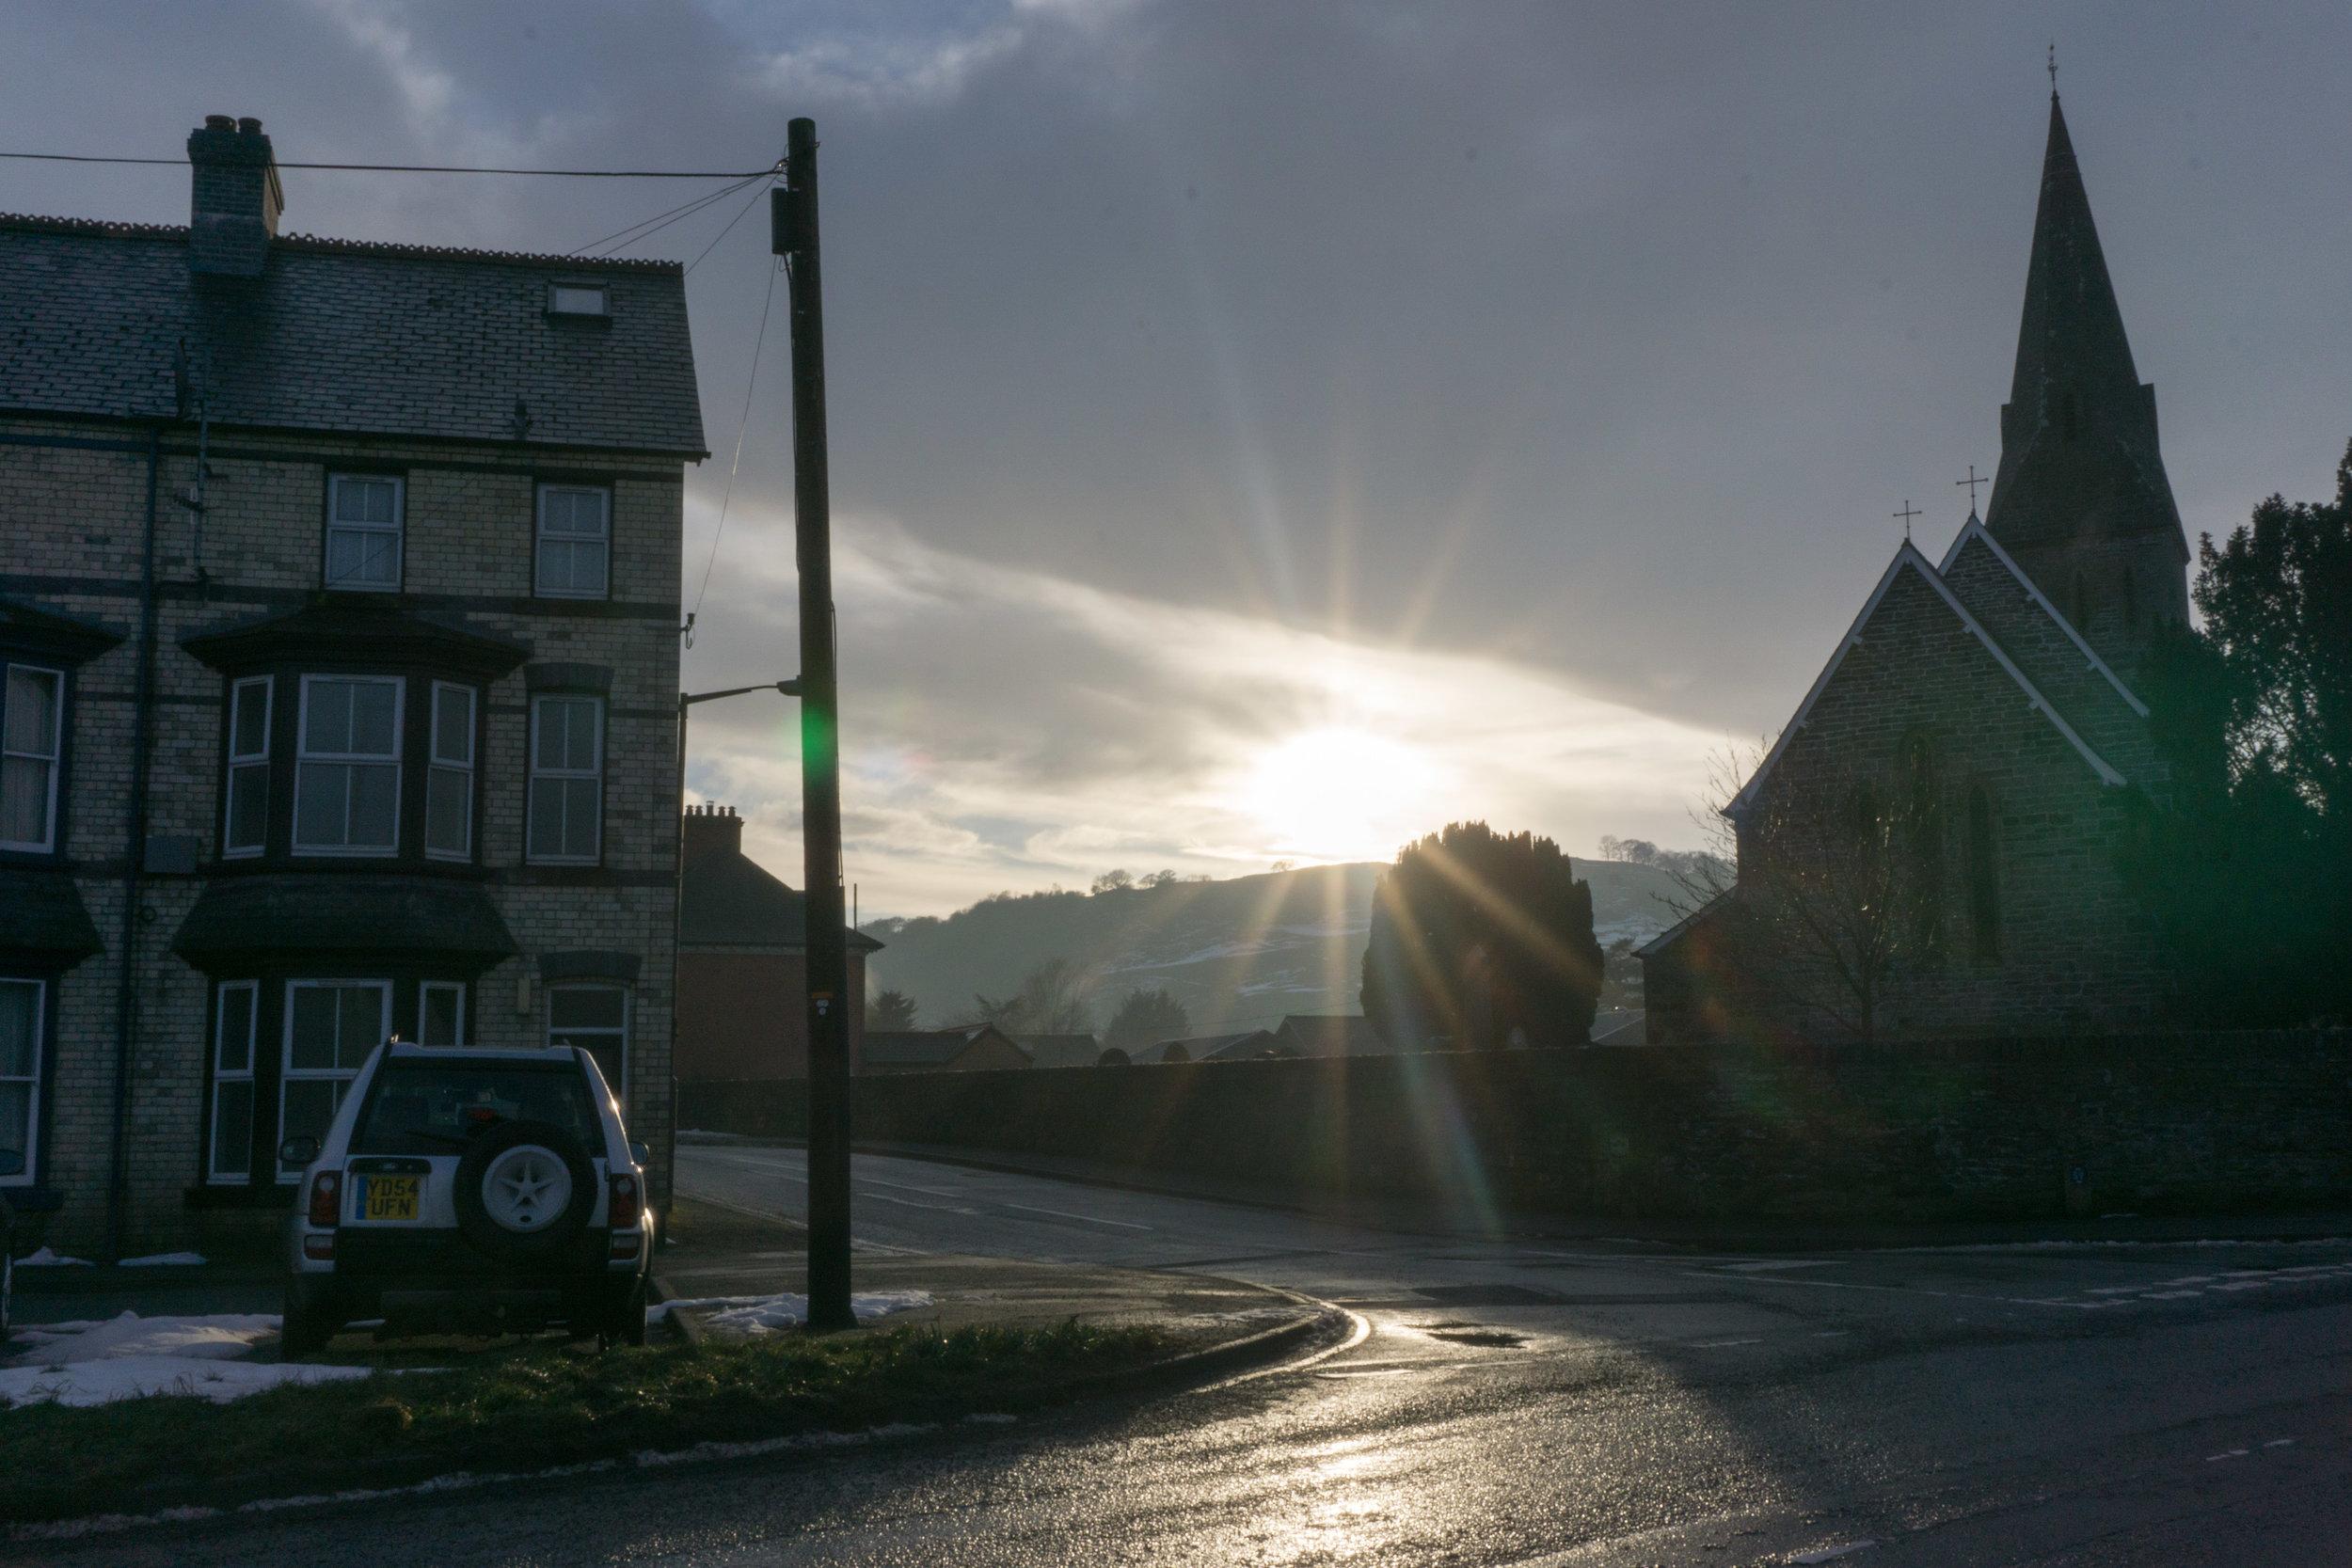 Sun glimmering through a small village